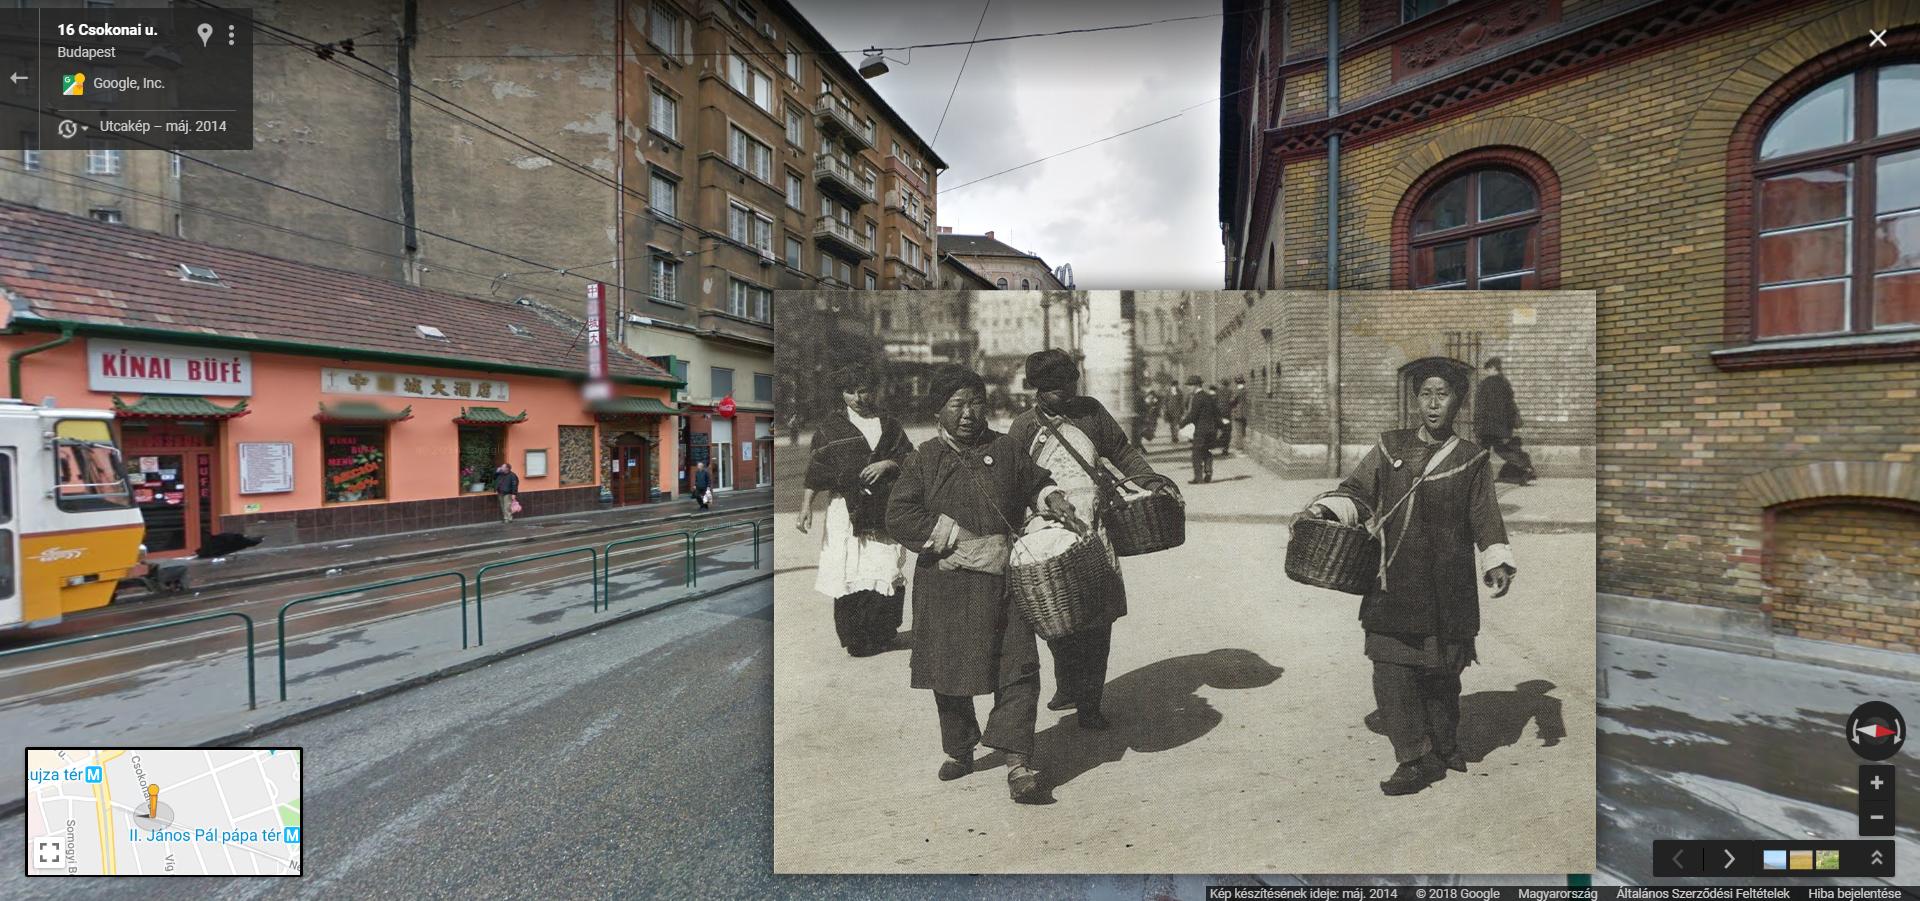 Már száz éve is kereskedtek kínaiak a Népszínház utcában